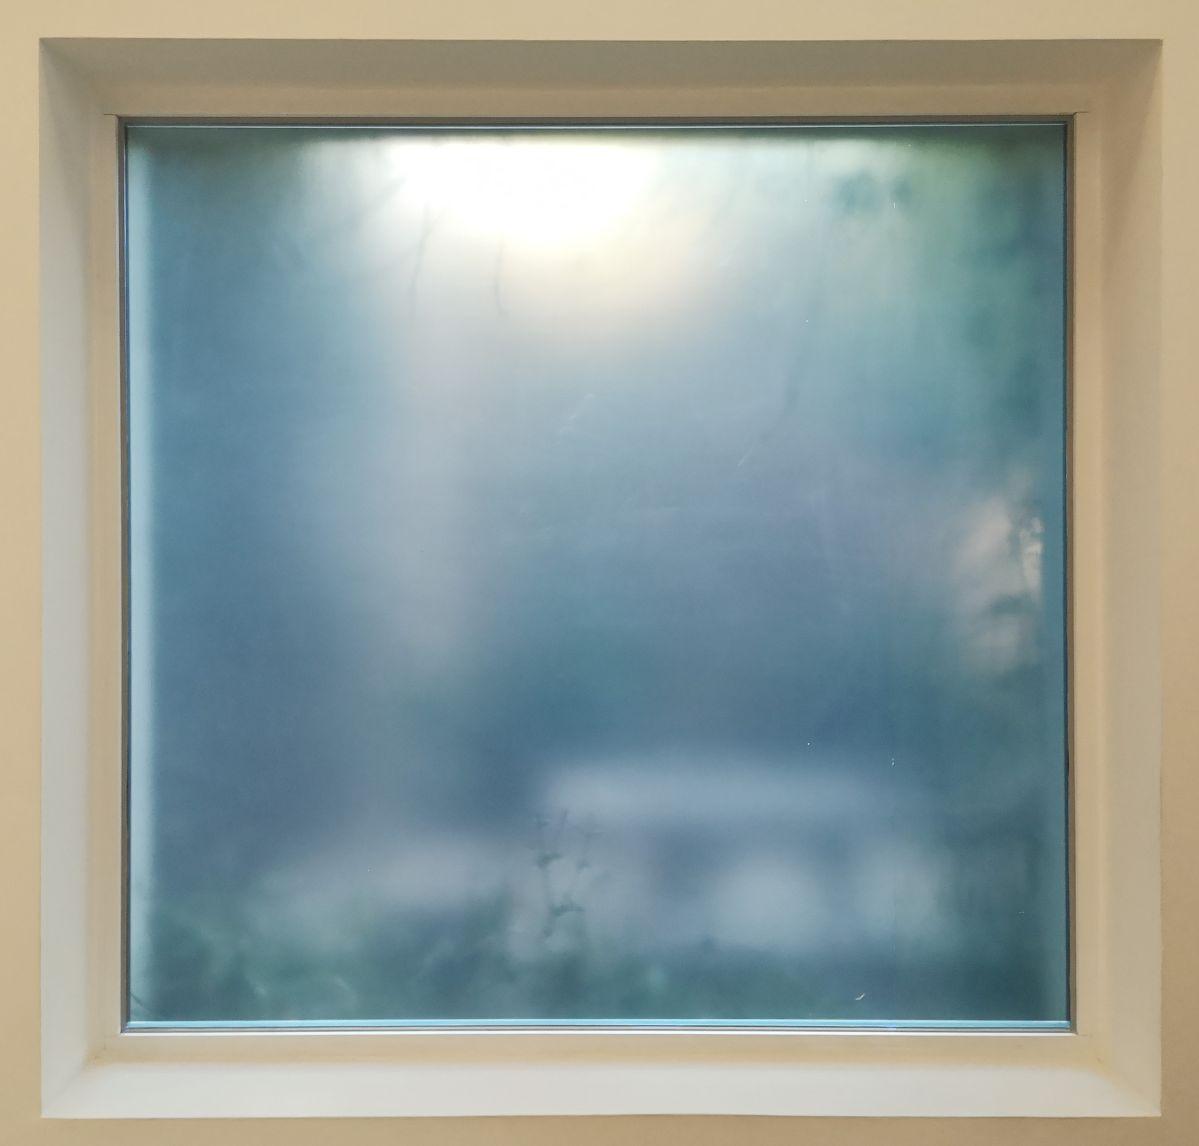 Serge Damon - Scénographie lumineuse, 2020 - The Ruins of Hope, 2019 - Permafrost - Les formes du désastre au MoCo La Panacée - Première galerie